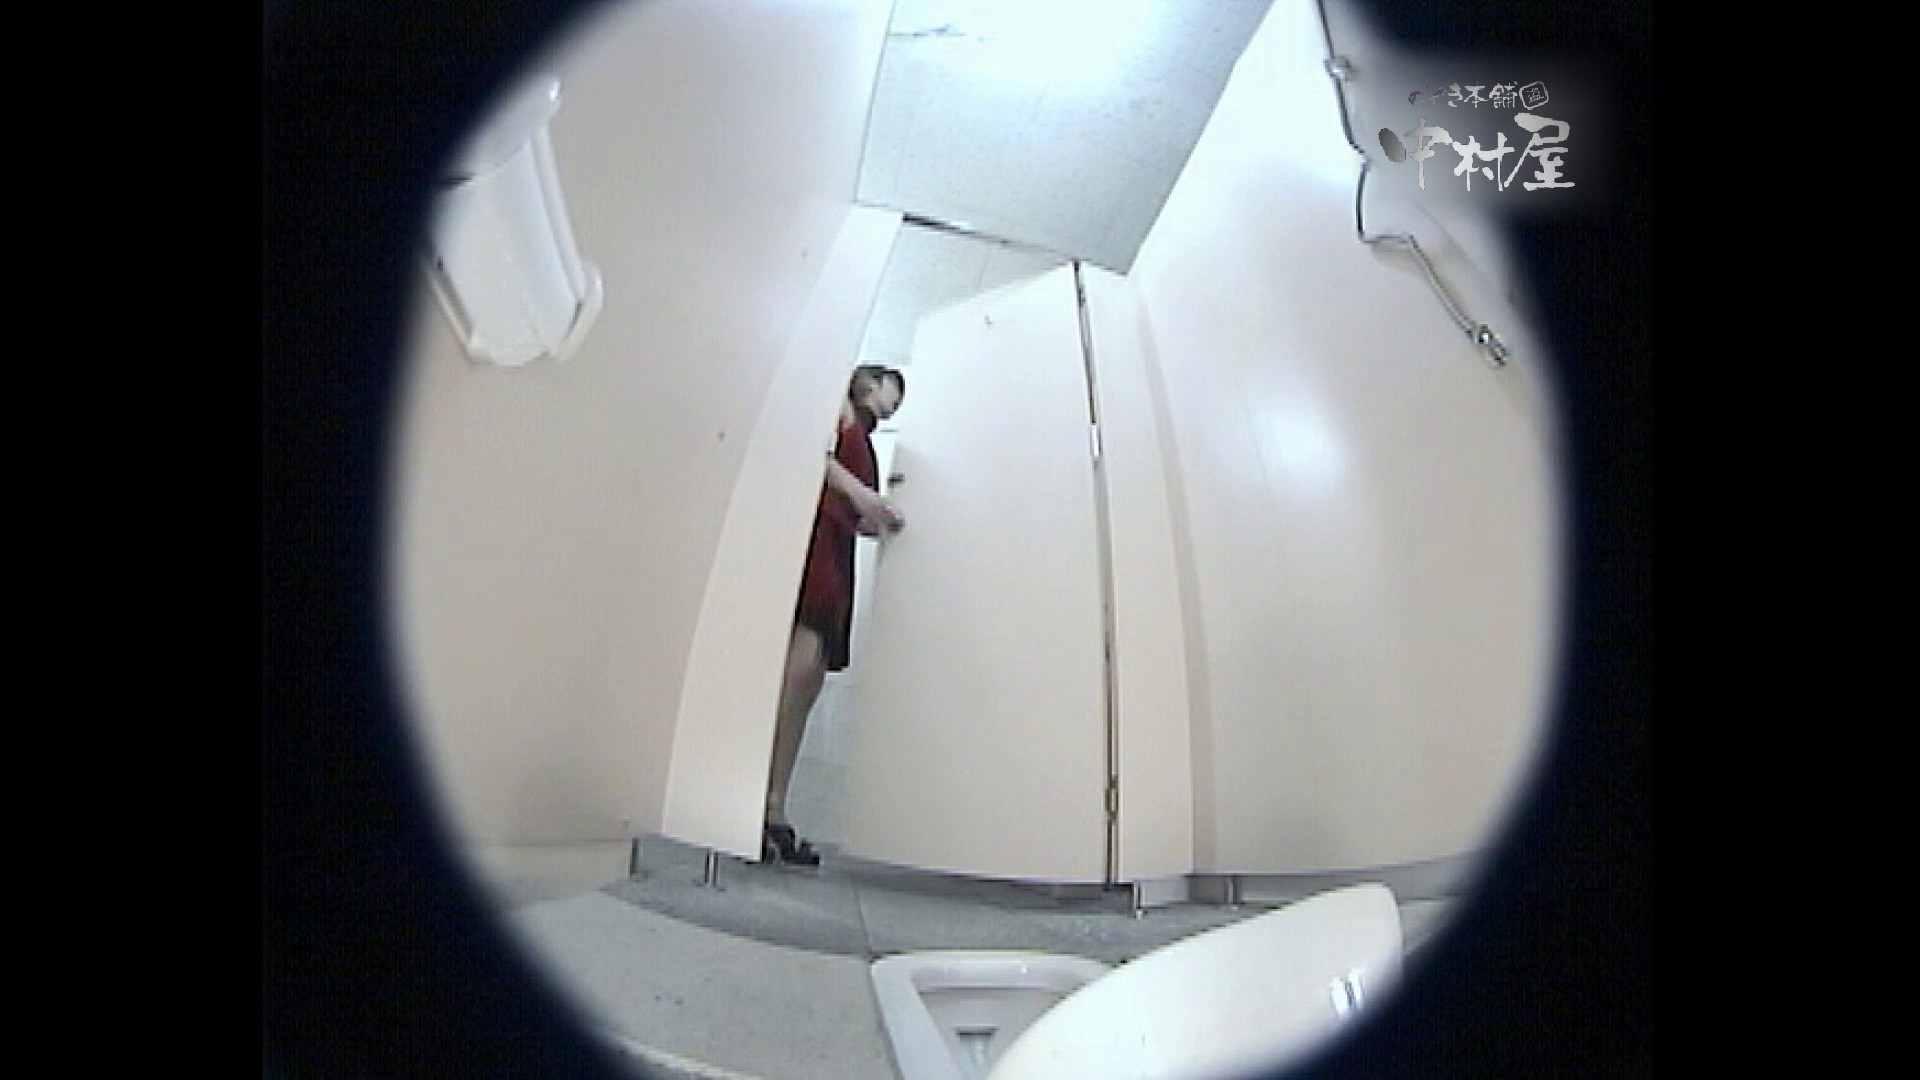 レースクィーントイレ盗撮!Vol.07 レースクィーン 隠し撮りオマンコ動画紹介 106pic 76